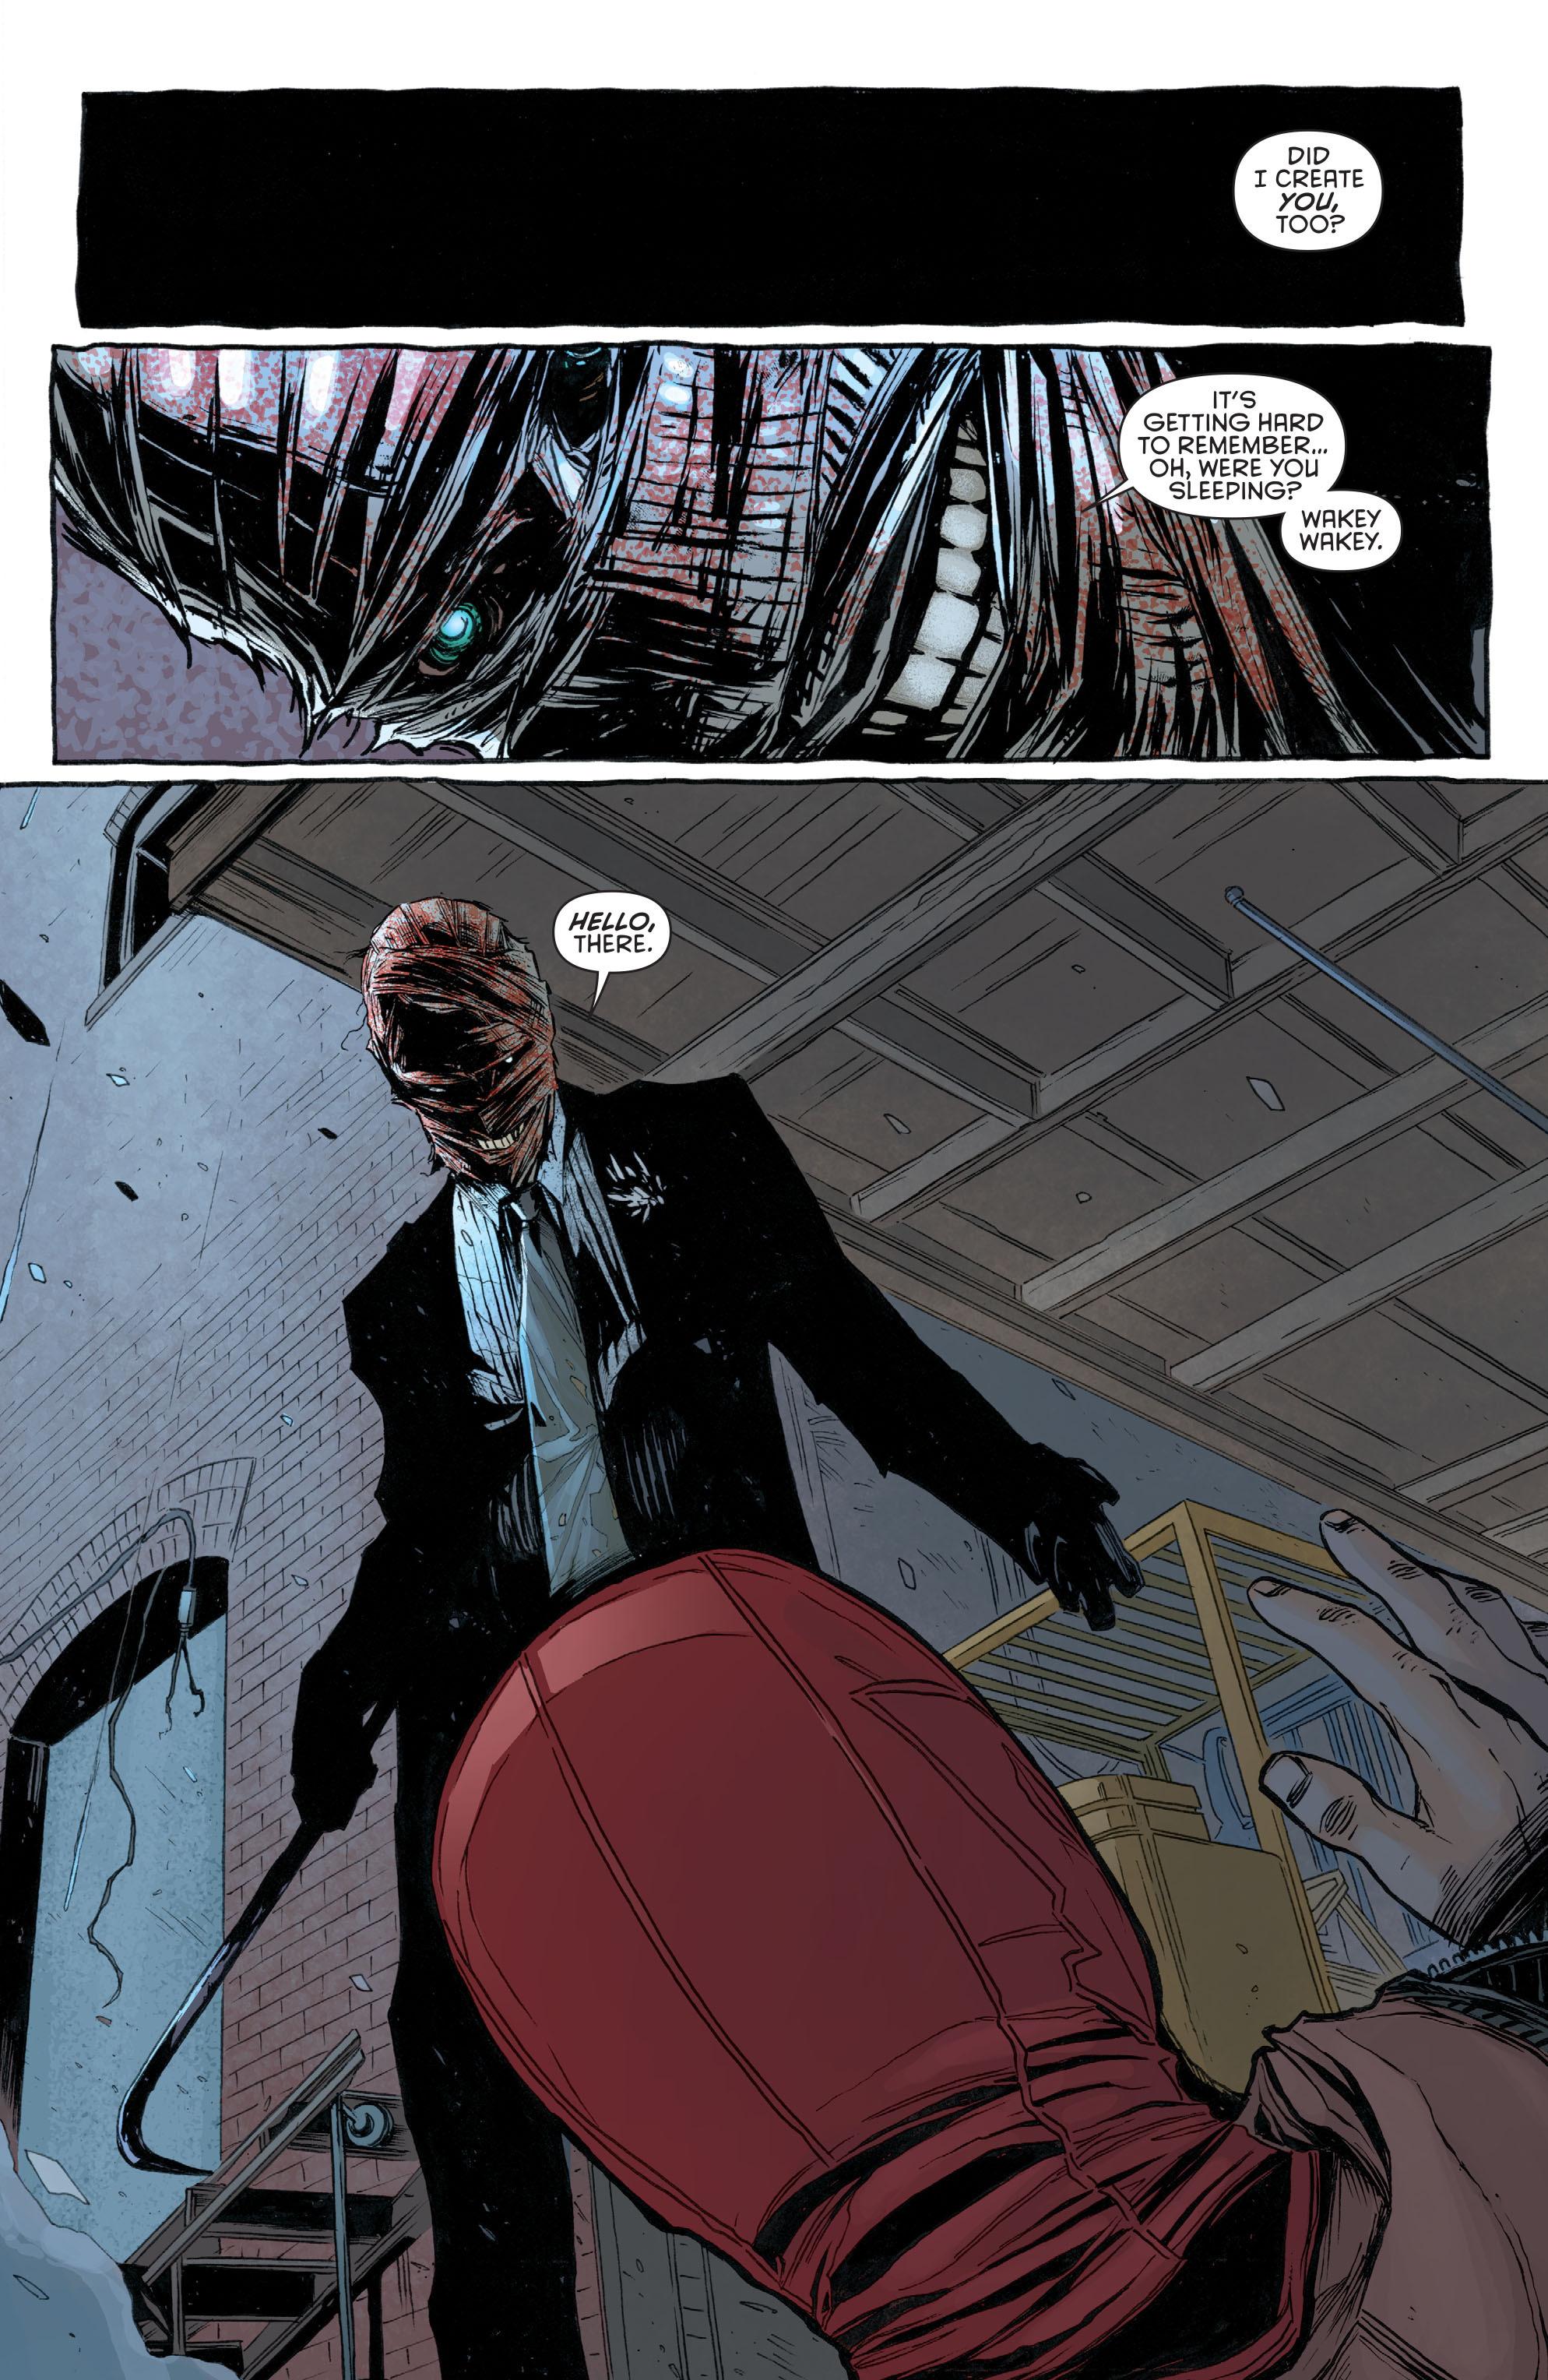 DC Comics: Zero Year chap tpb pic 387